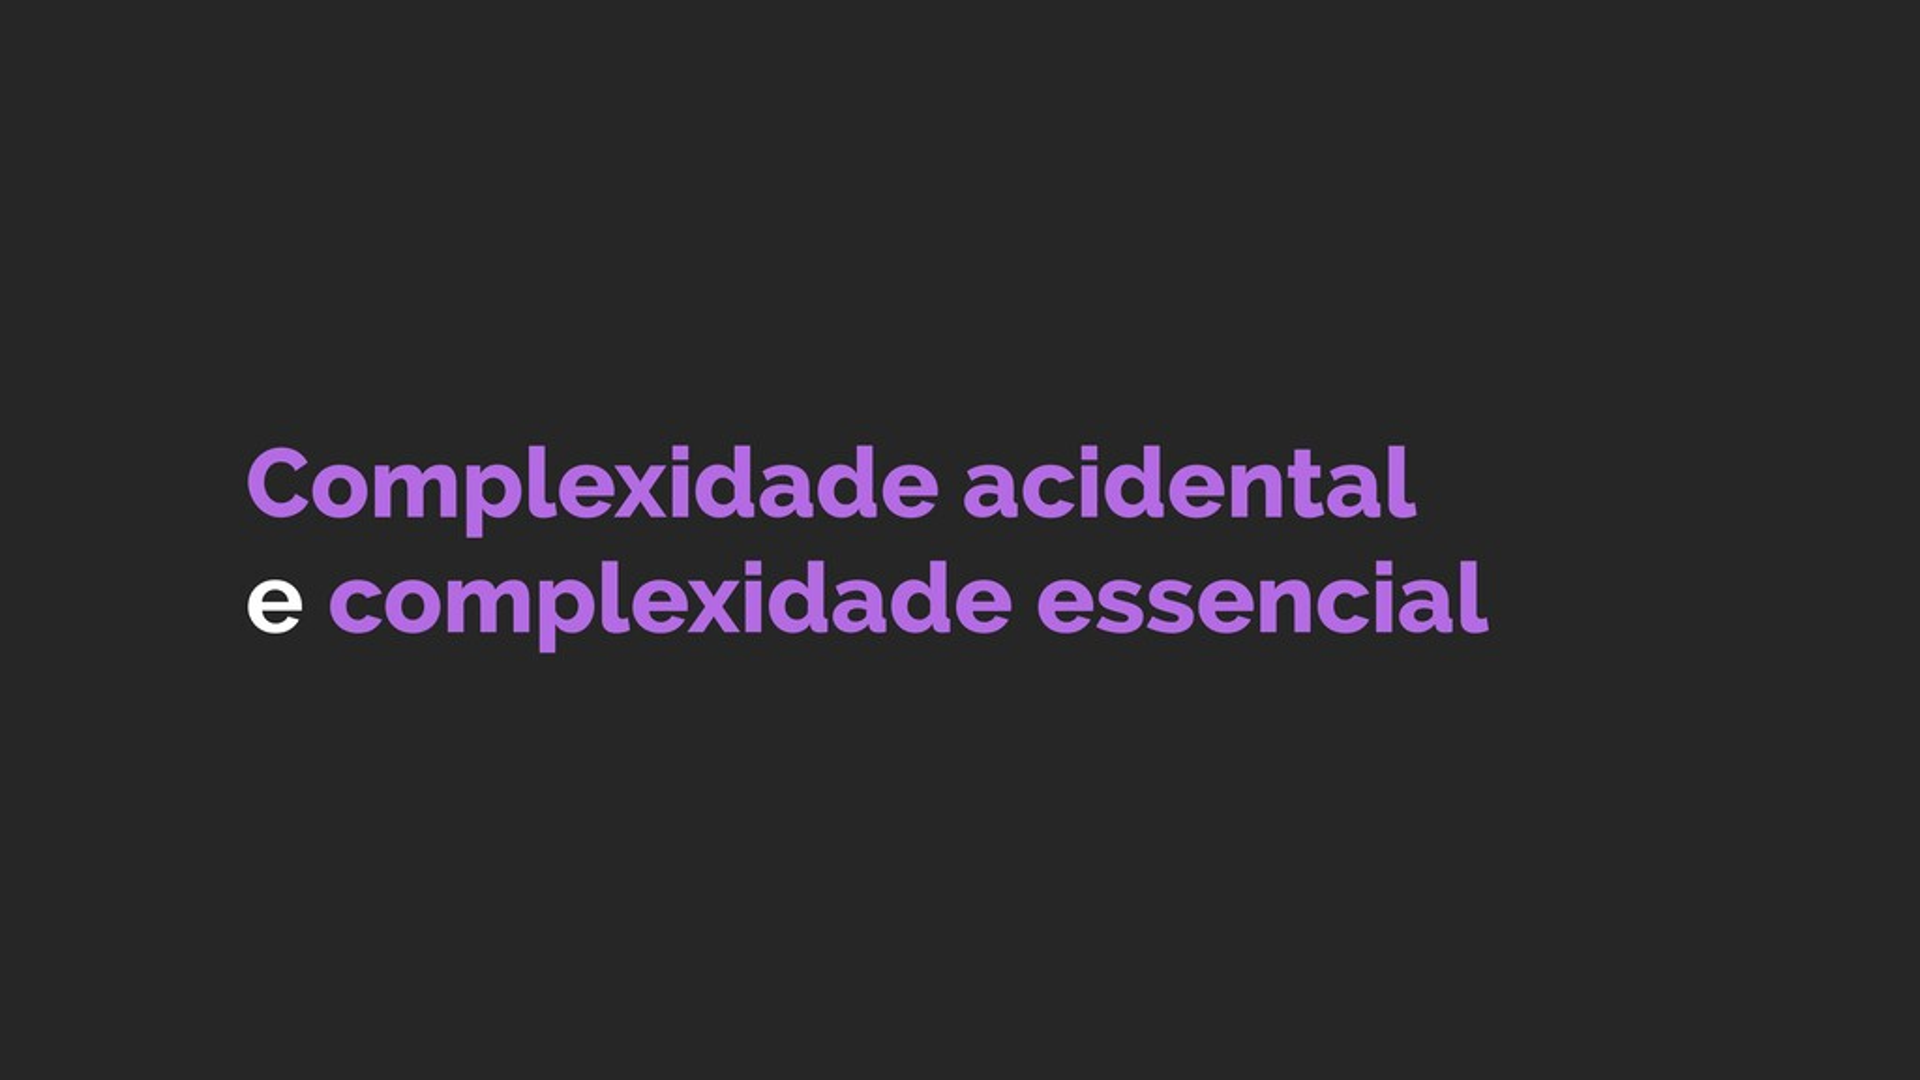 Complexidade acidental e complexidade essencial